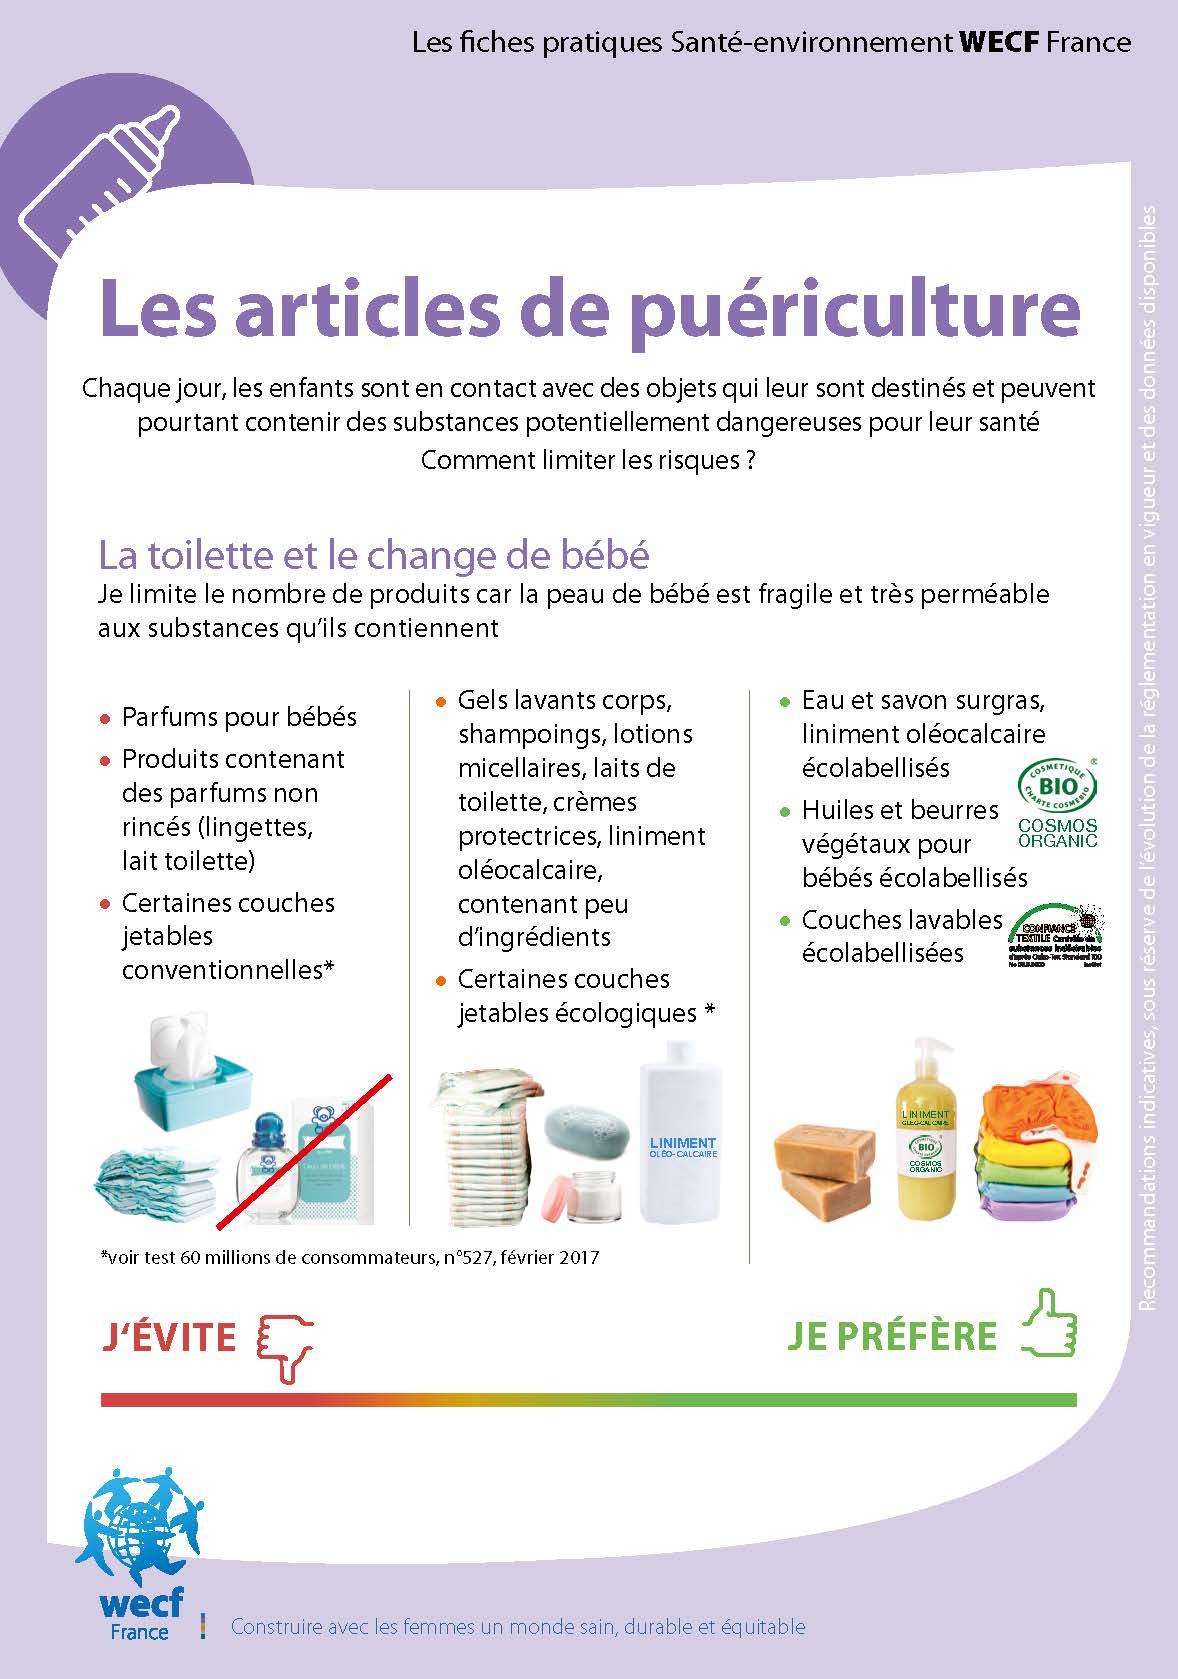 Fiche pratique – Les articles de puériculture